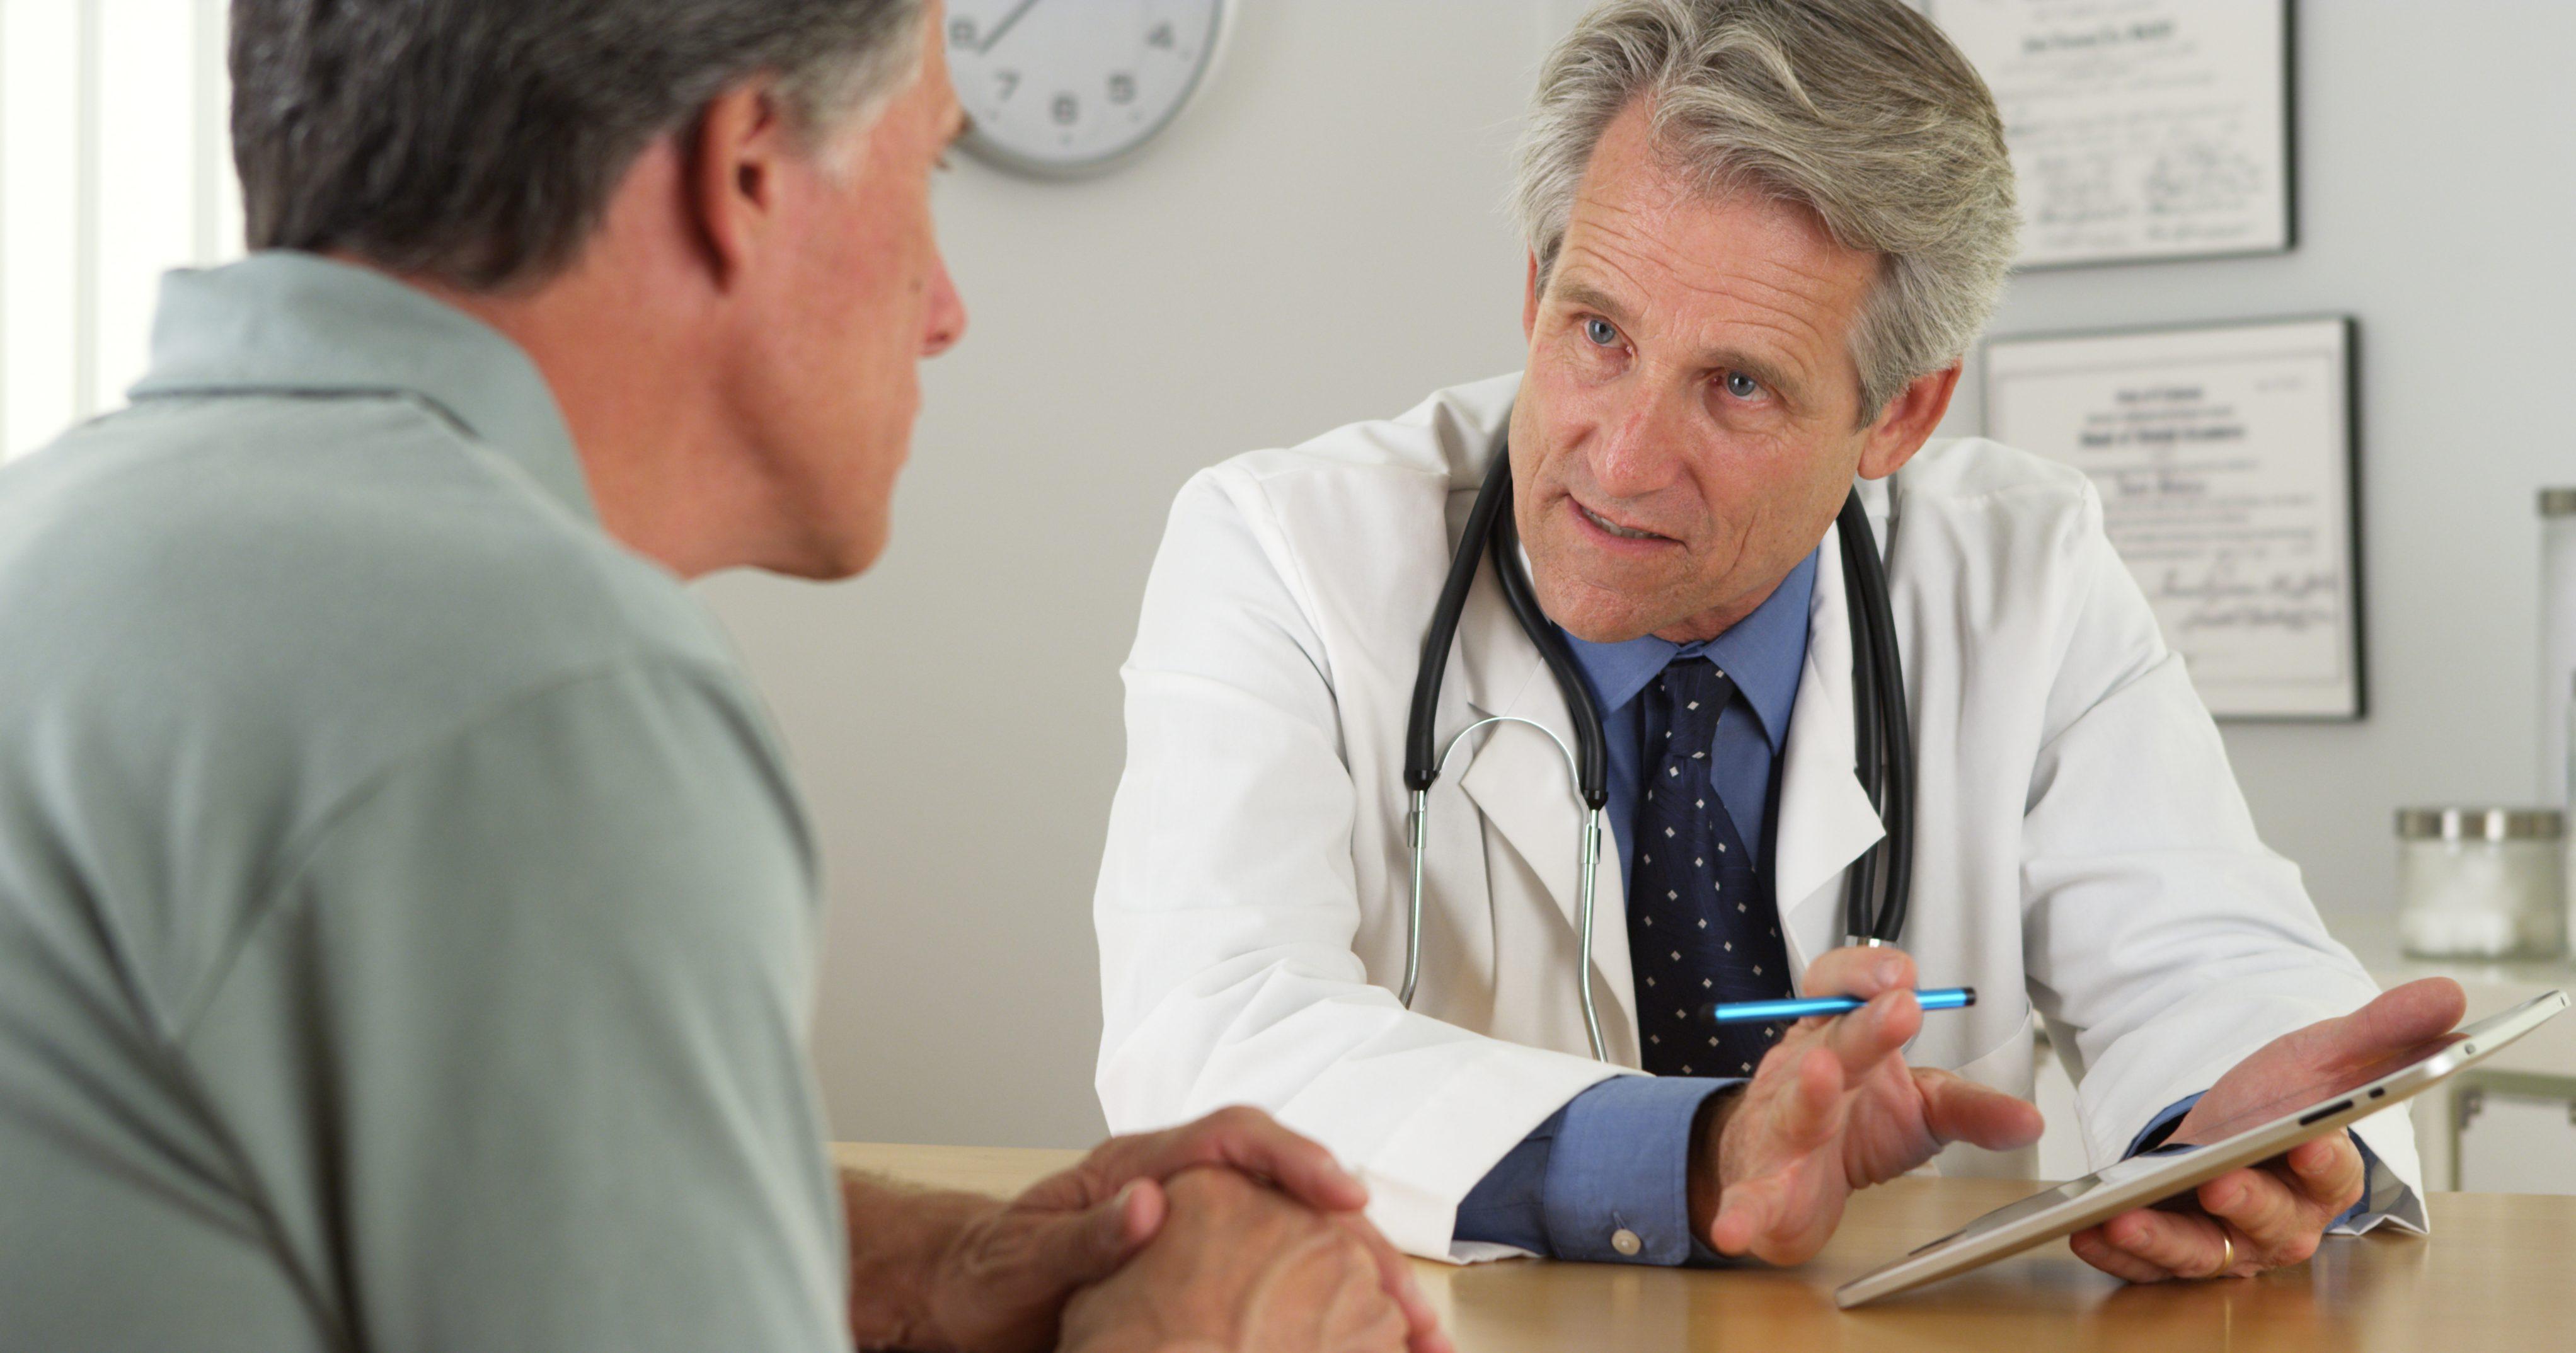 tempo di sviluppo tumore prostata